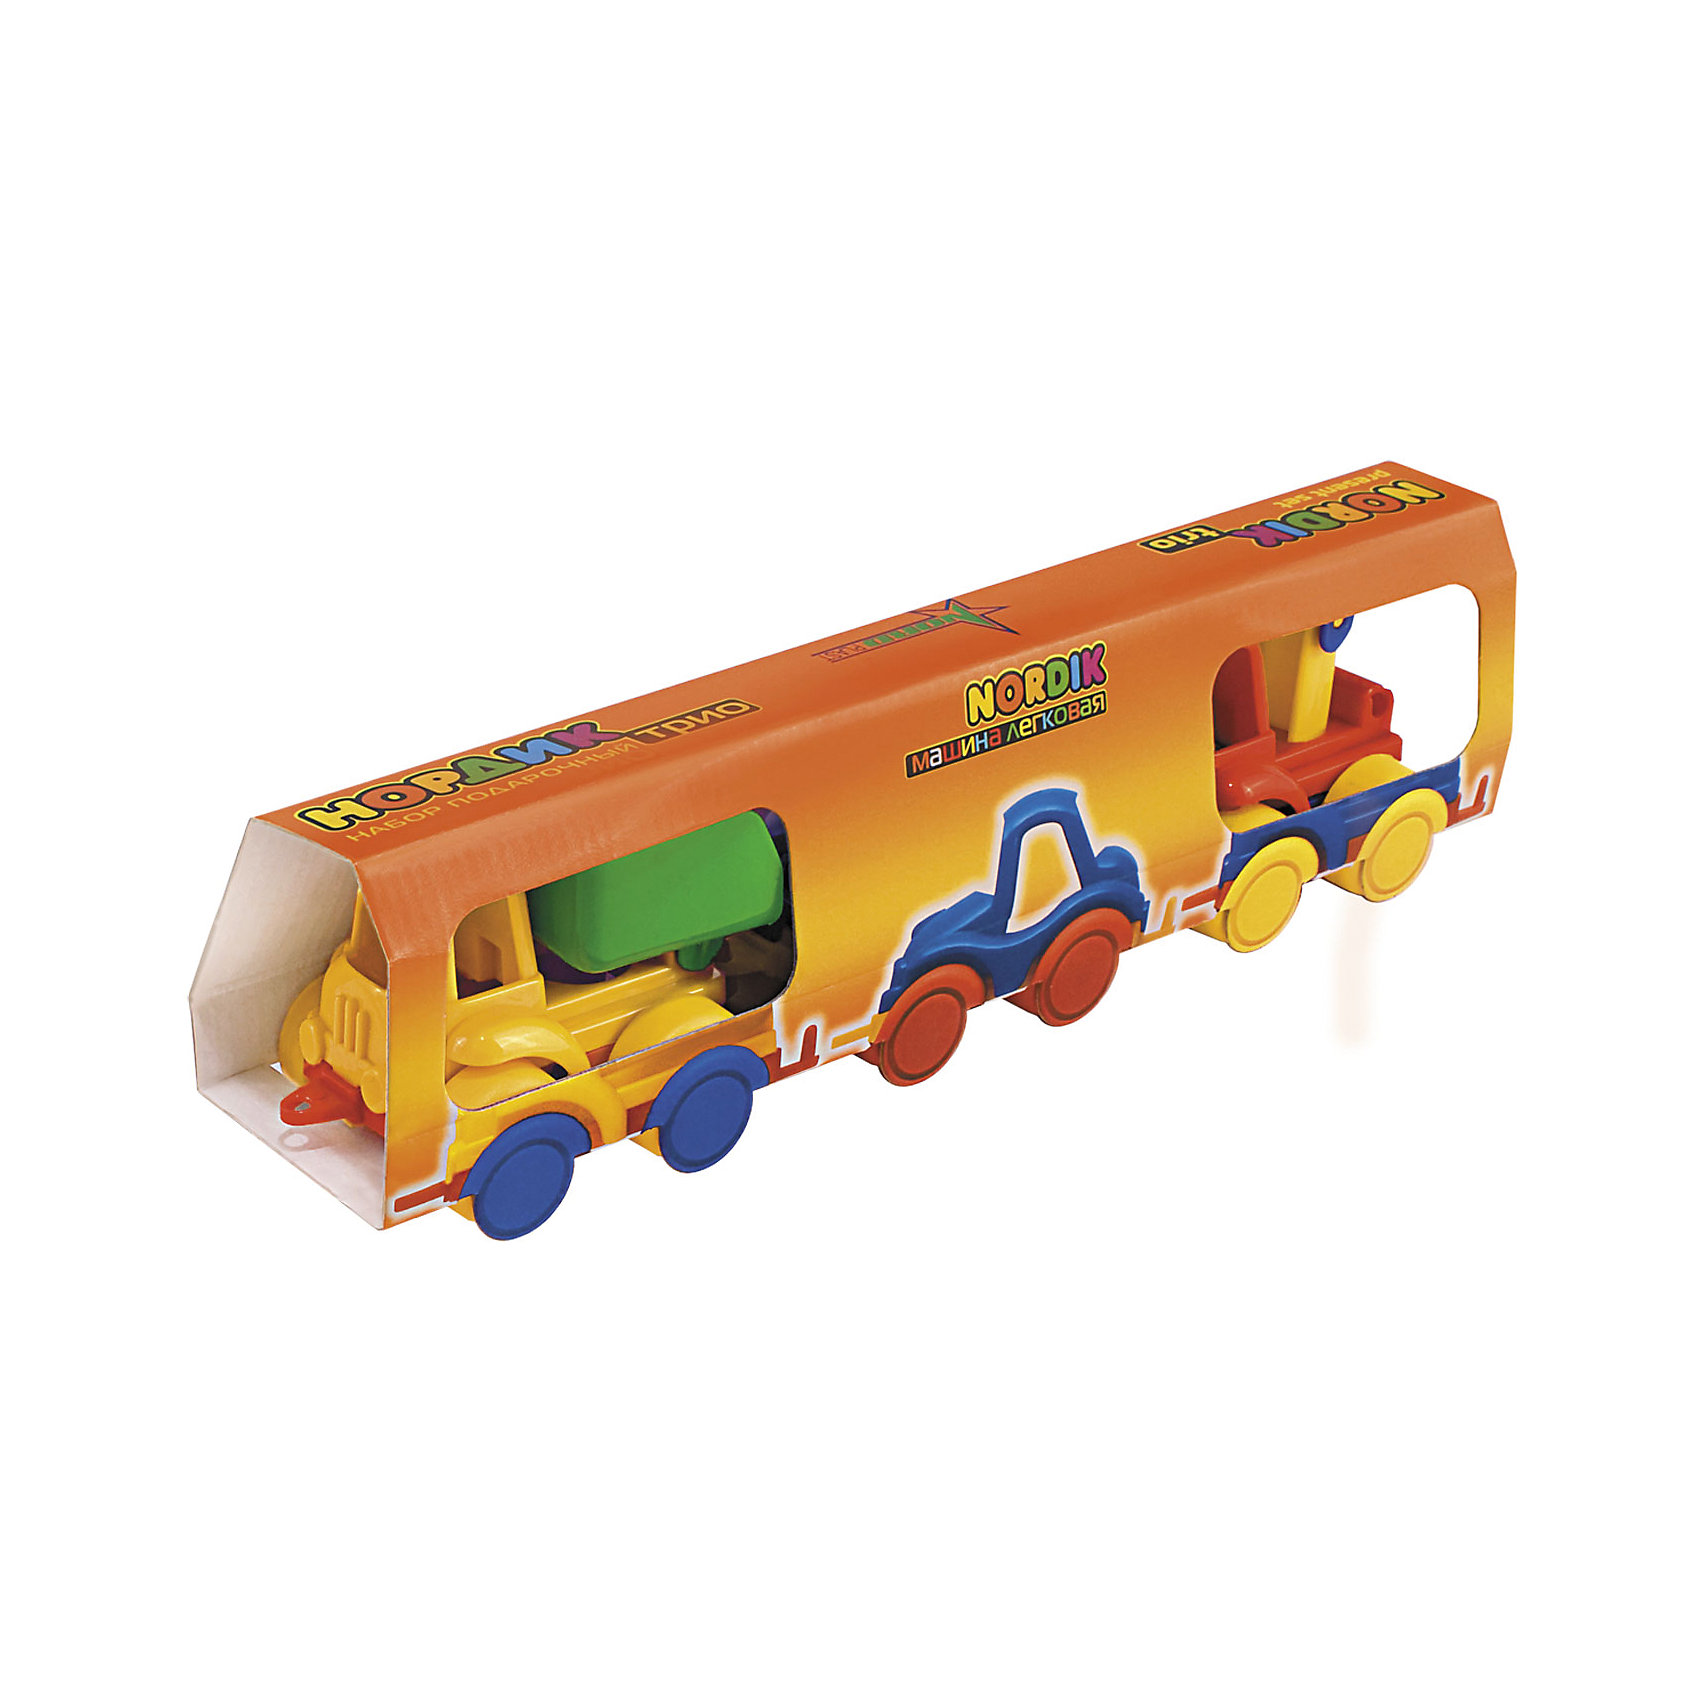 Набор Трио (Самосвал, легковая, кран), НордпластНабор Трио (Самосвал, легковая, кран), Нордпласт – это яркие пластмассовые машины, которыми интересно будет играть вашему мальчику.<br>Набор игрушечных машинок Нордик Трио от компании Нордпласт включает в себя легковой автомобиль, кран и самосвал. Все игрушки яркой расцветки, что обязательно будет привлекать внимание ребенка. Крепления машинок «Нордик» легко совмещаются друг с другом и их можно свободно соединять с другими наборами из этой серии. У машинок надежная колесная база. С этим набором можно играть дома, на улице, и Вашему малышу некогда будет скучать. Игрушки изготовлены из высококачественной пищевой пластмассы, без трещин и заусениц, поэтому во время эксплуатации выдержат многие детские шалости. Они покрыты нетоксичной краской, не облупливающейся и не выгорающей на солнце. Товар соответствует требованиям стандарта для детских игрушек и имеет сертификат качества.<br><br>Дополнительная информация:<br><br>- В наборе: легковой автомобиль, кран, самосвал<br>- Материал: высококачественная пластмасса<br>- Размер упаковки: 9х7х38 см.<br>- Вес: 210 гр.<br><br>Набор Трио (Самосвал, легковая, кран), Нордпласт можно купить в нашем интернет-магазине.<br><br>Ширина мм: 380<br>Глубина мм: 70<br>Высота мм: 90<br>Вес г: 210<br>Возраст от месяцев: 36<br>Возраст до месяцев: 72<br>Пол: Мужской<br>Возраст: Детский<br>SKU: 4112735